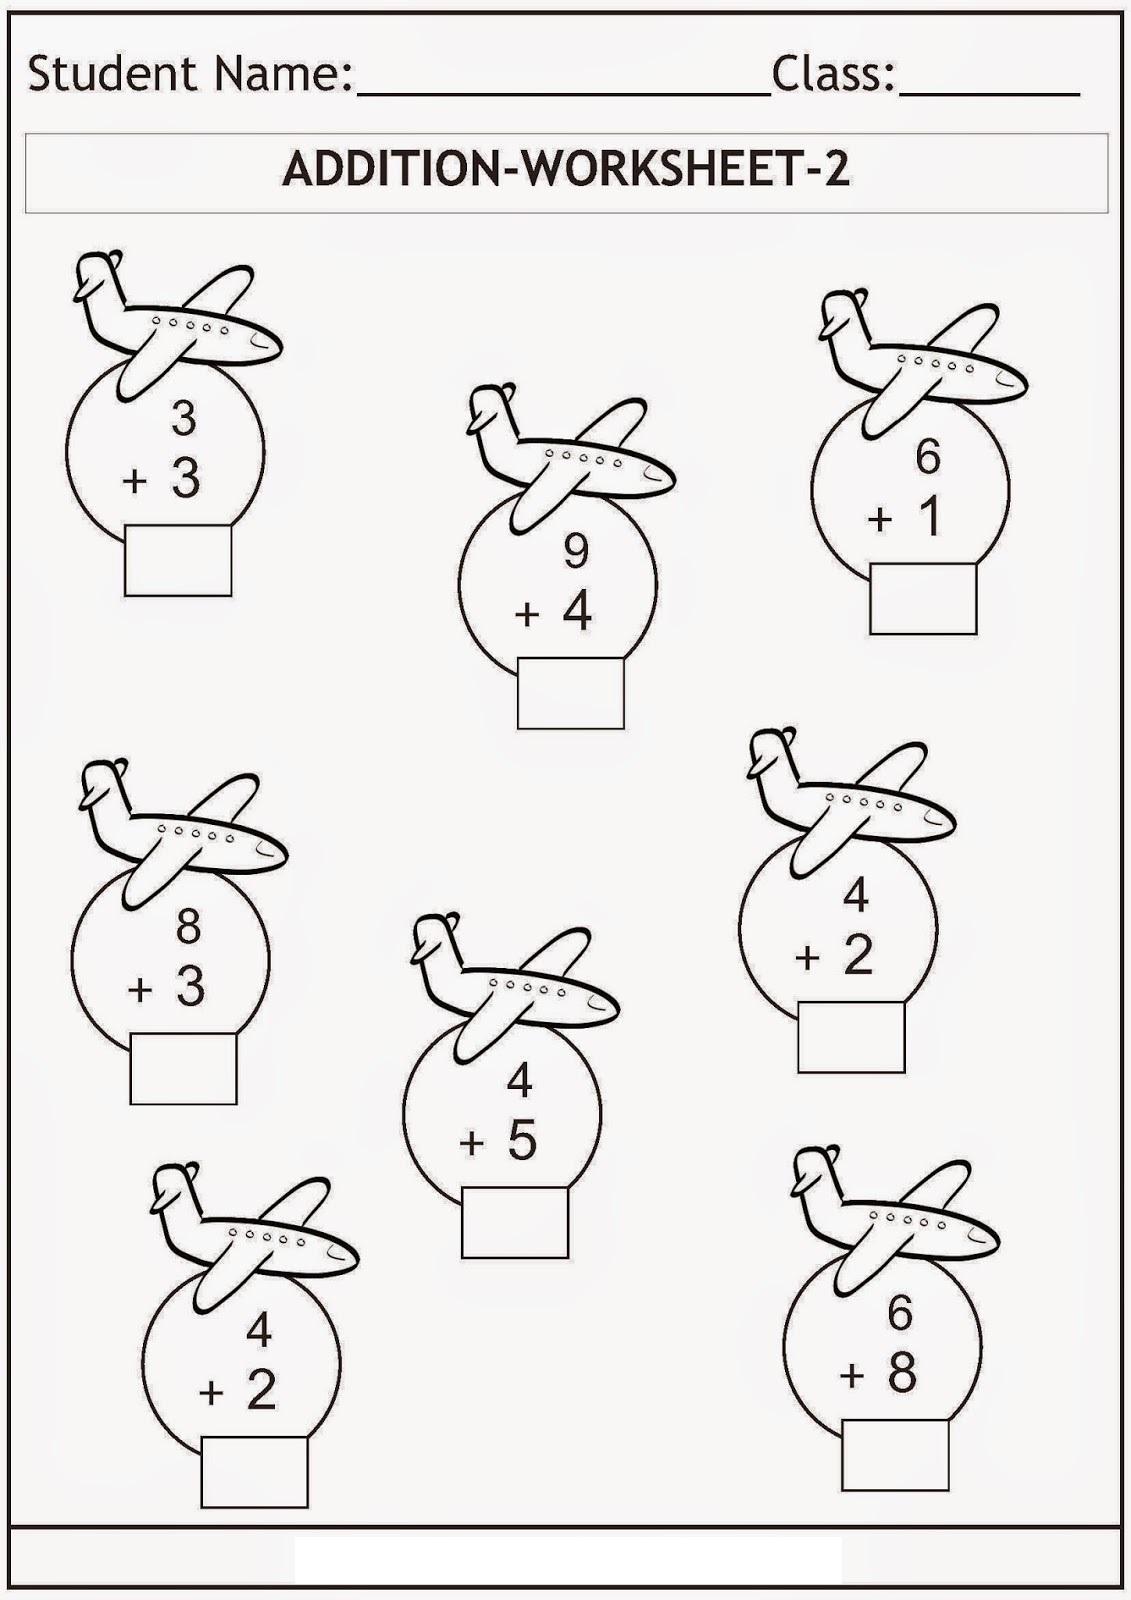 Light Bulb Christmas Addition Worksheet